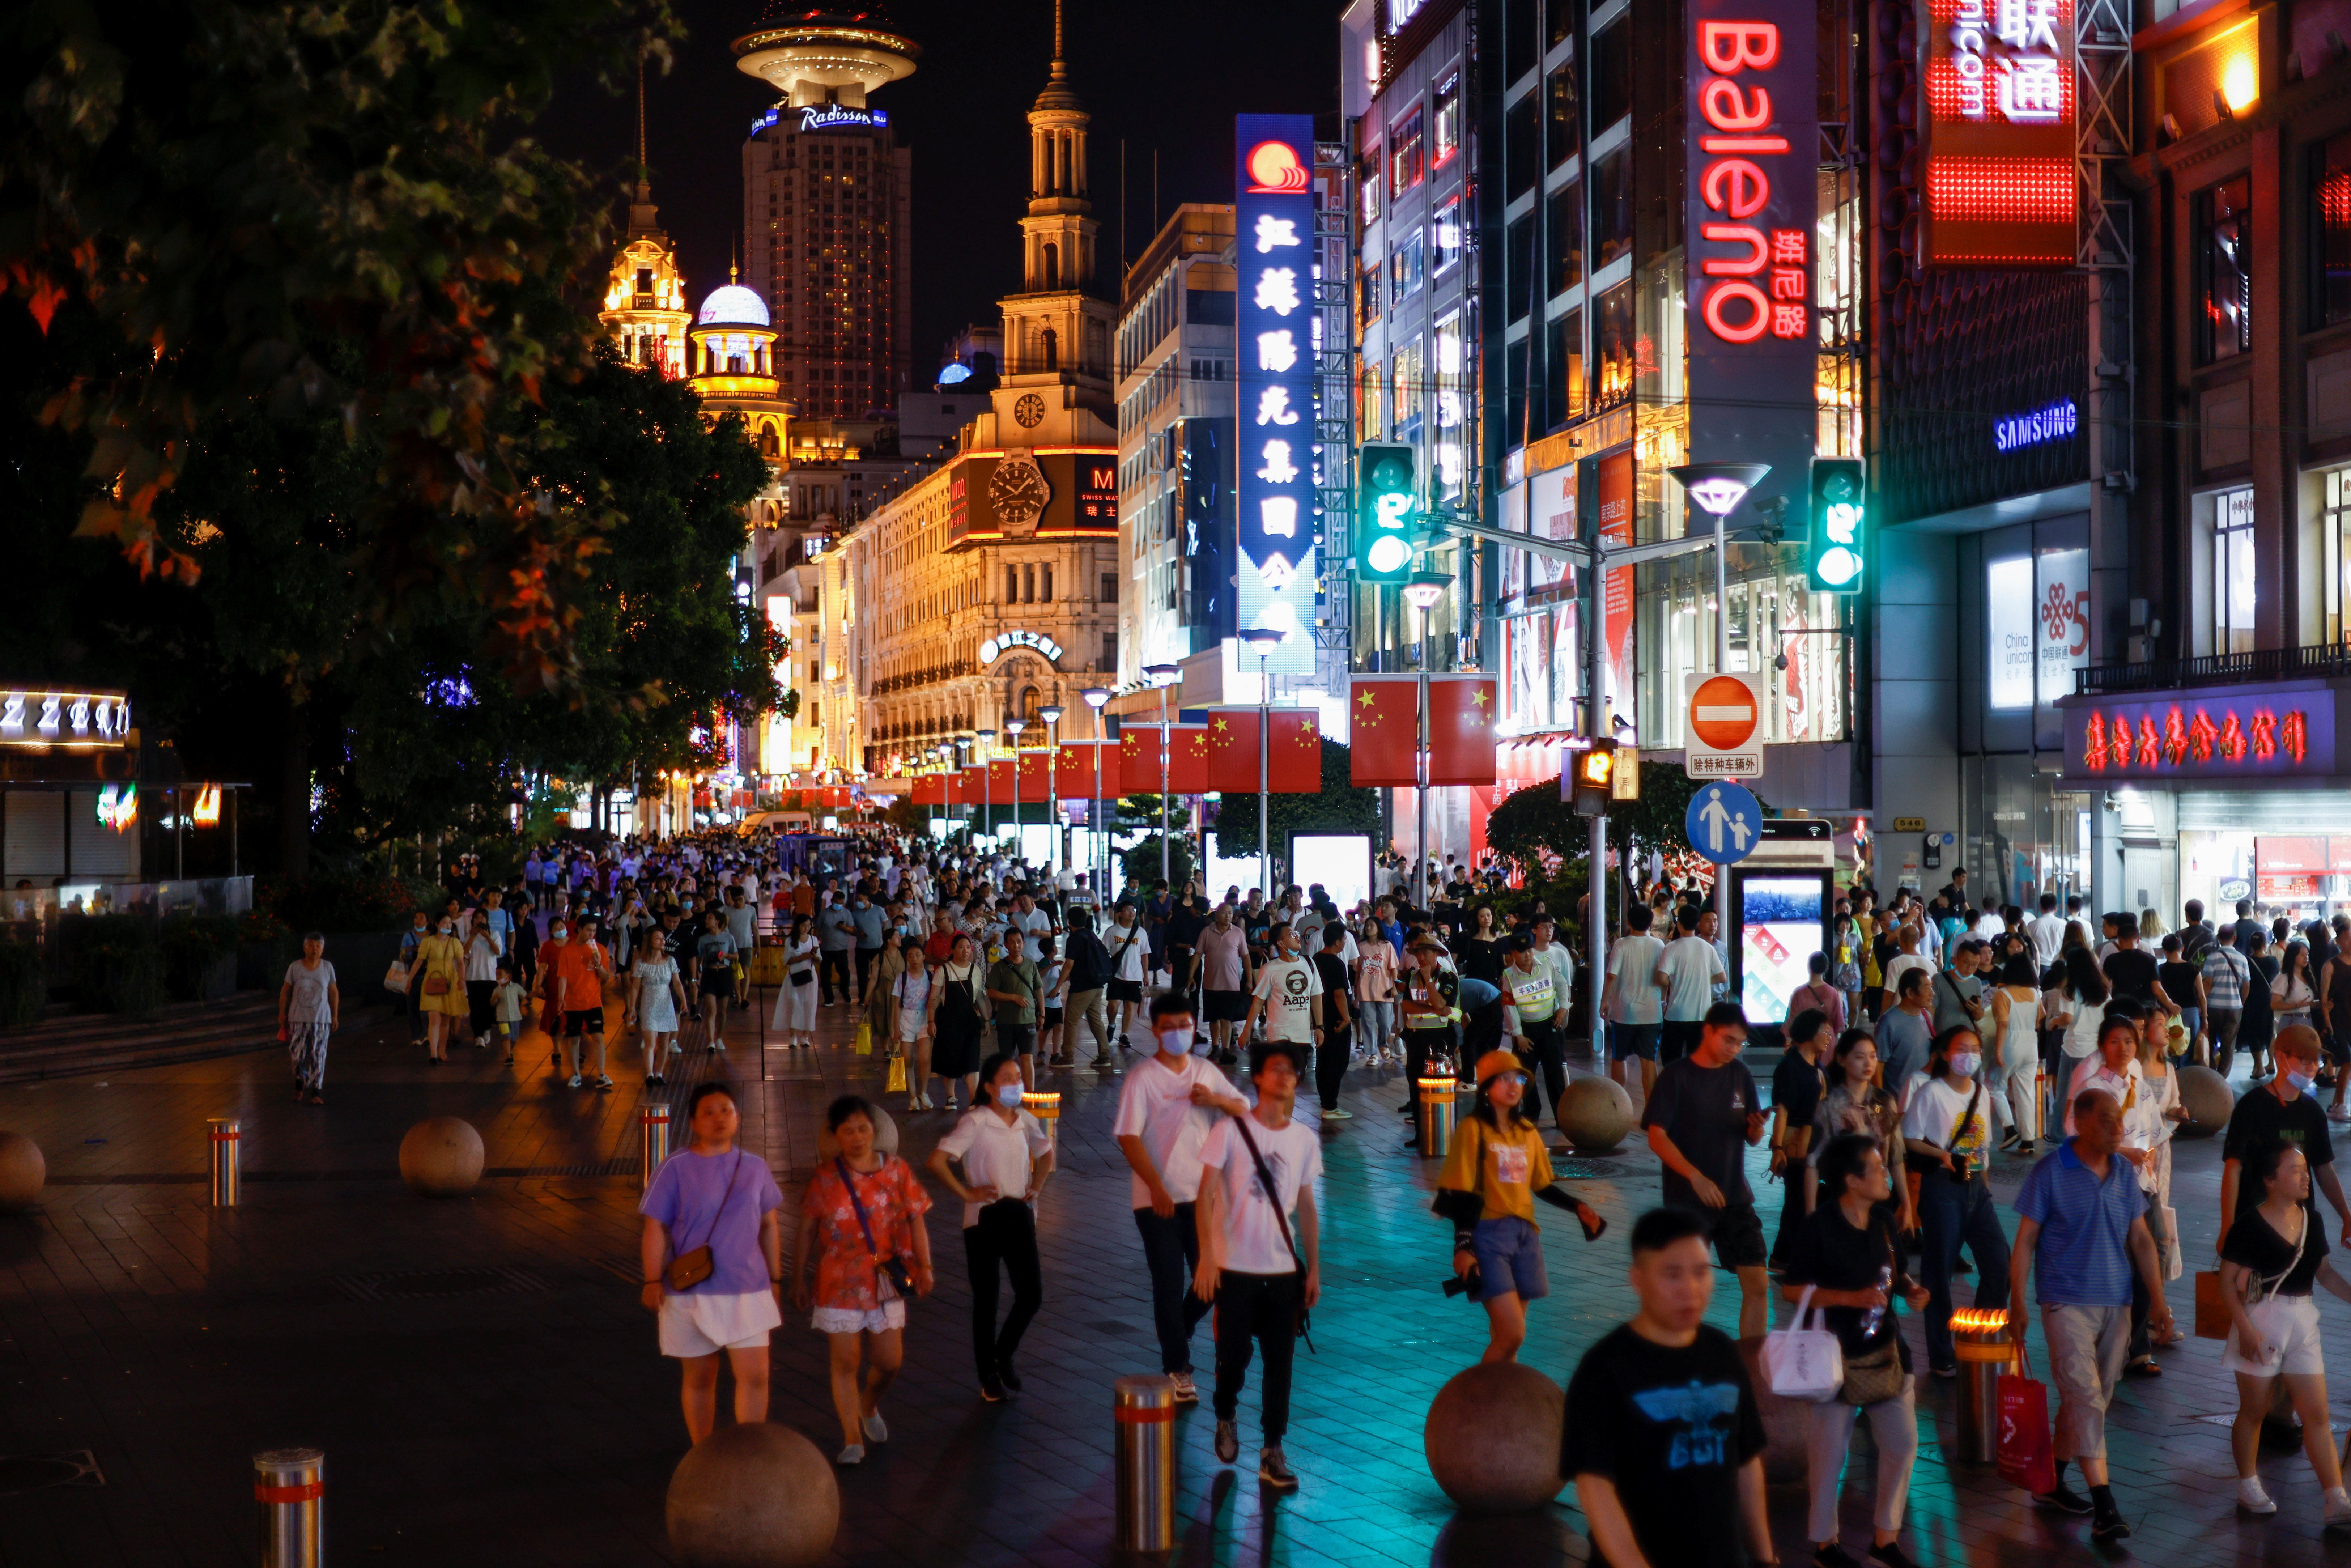 Mọi người ghé thăm một khu vực mua sắm chính ở Thượng Hải, Trung Quốc ngày 12 tháng 7 năm 2021. Ảnh chụp ngày 12 tháng 7 năm 2021. REUTERS / Aly Song / Files